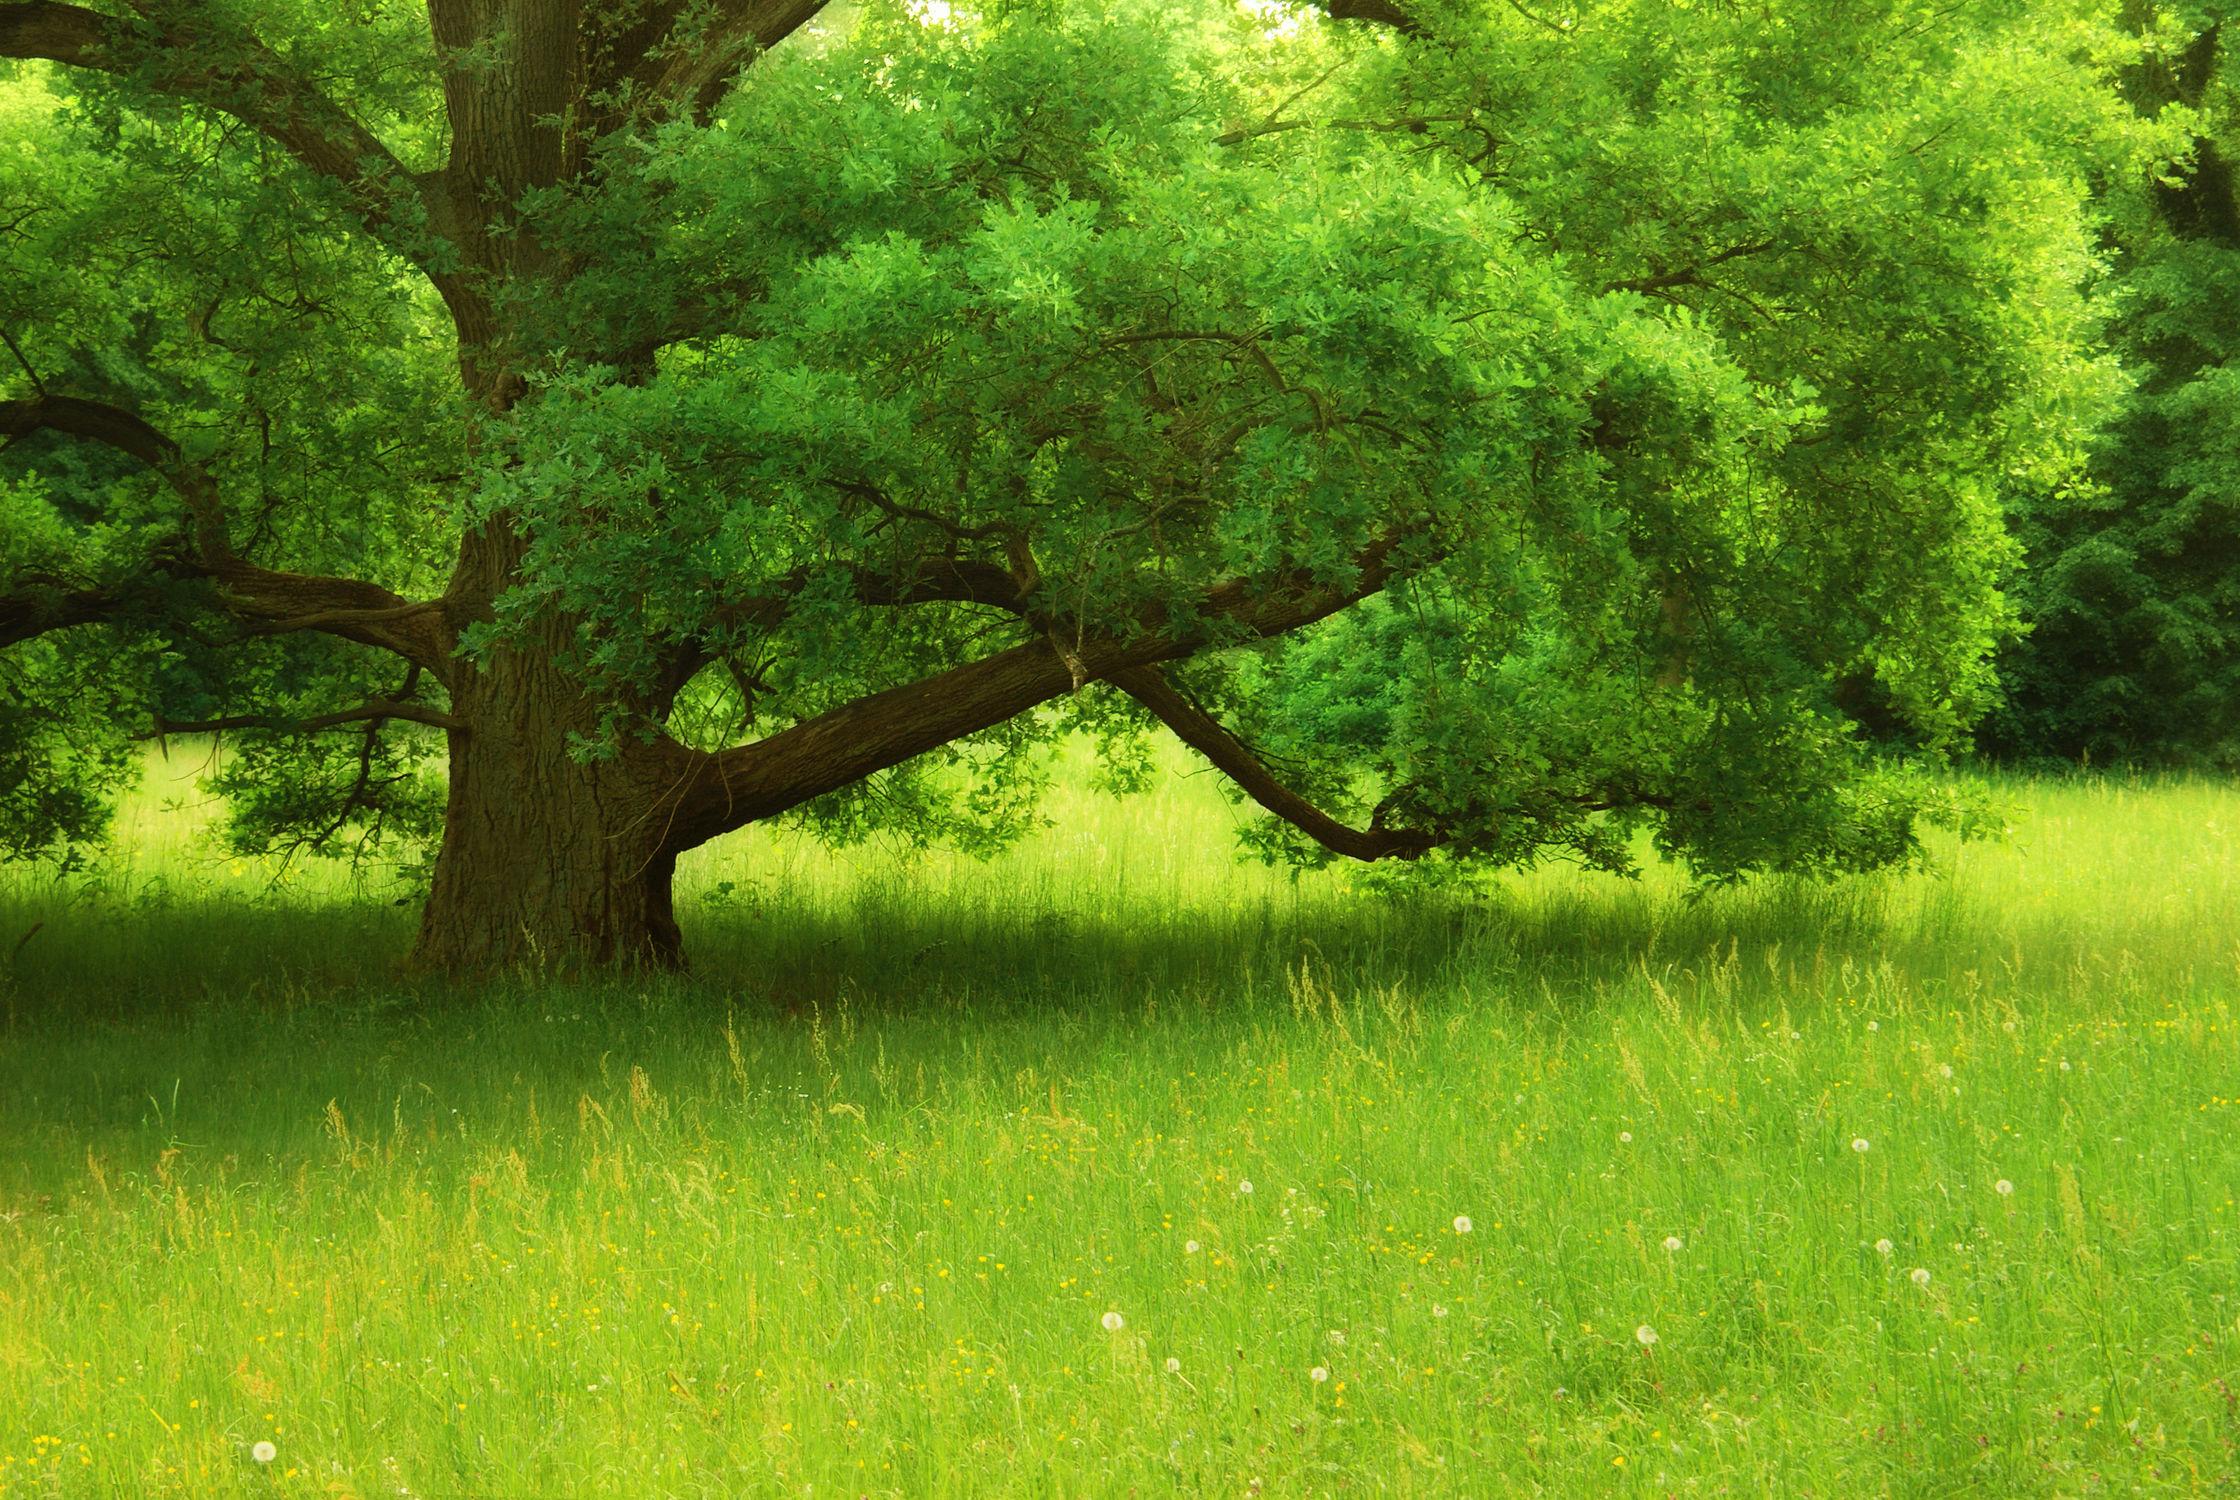 Bild mit Natur, Natur, Grün, Landschaften, Bäume, Frühling, Baum, Landschaft, Gras, grass